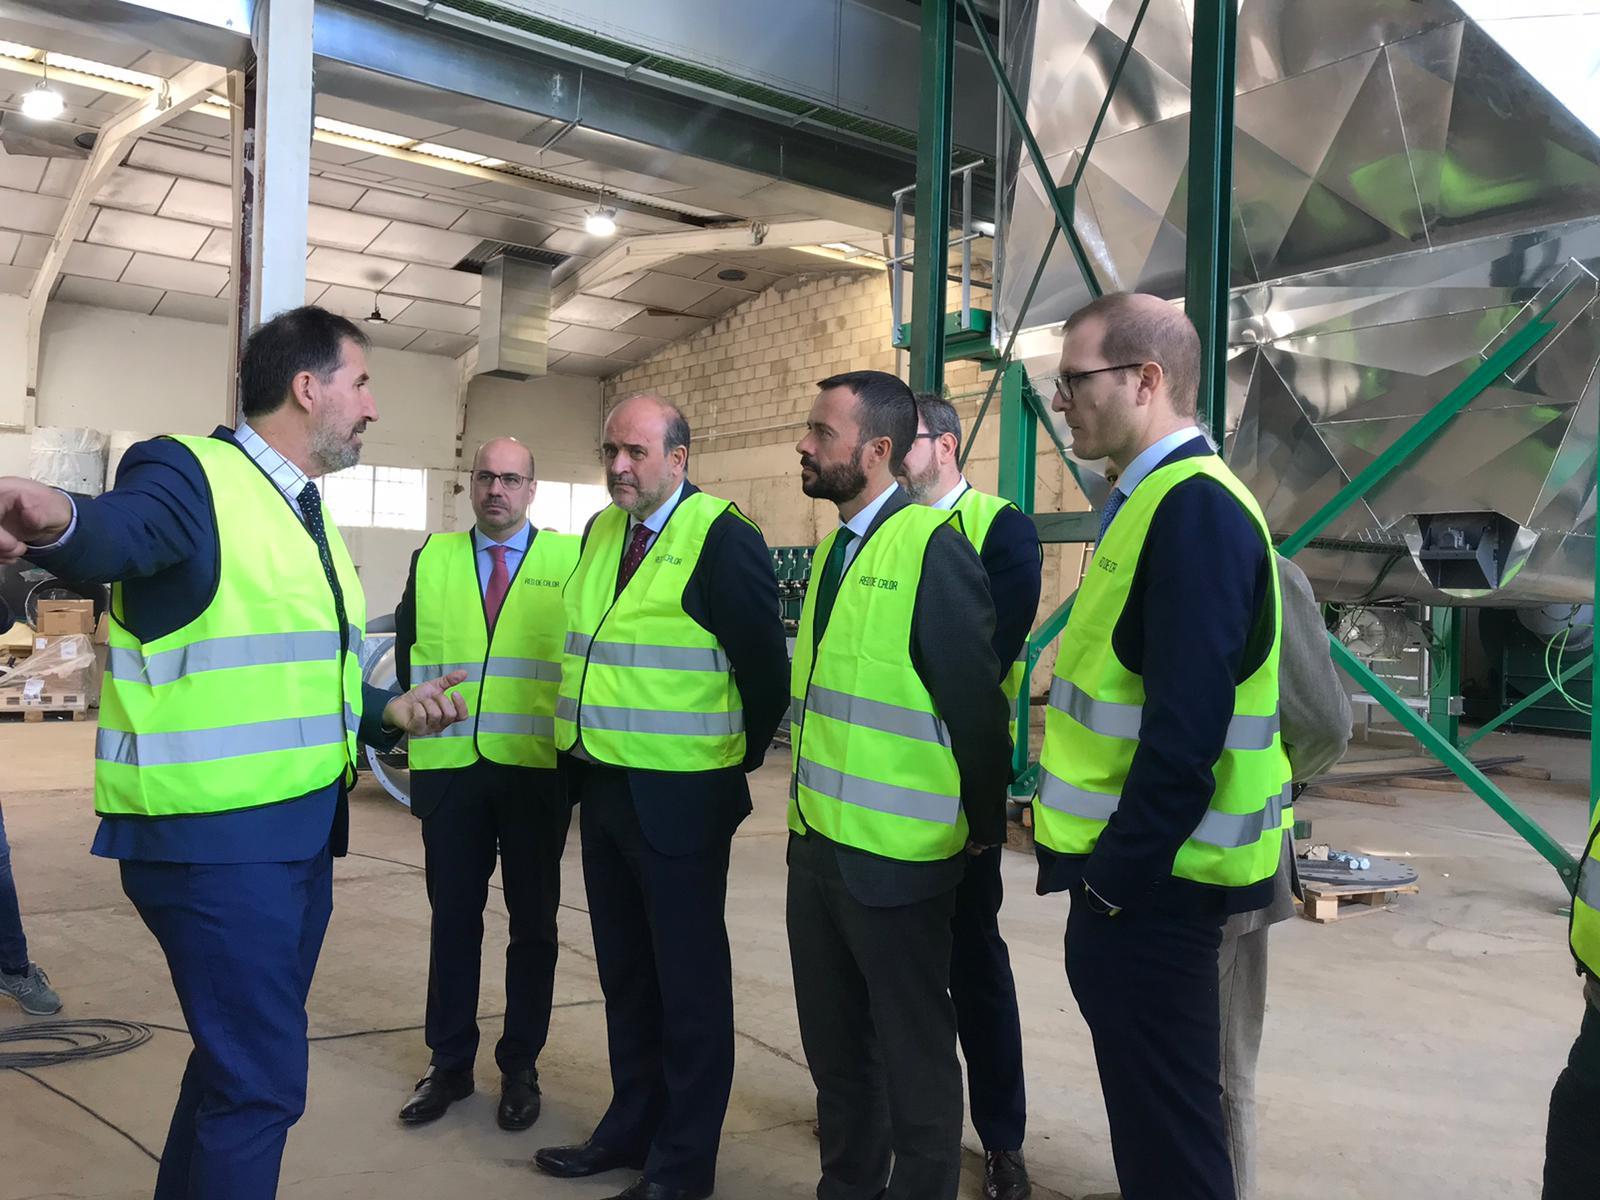 La Junta de Comunidades de Castilla-La Mancha apoya la Red de Calor de Guadalajara a través de sus Instrumentos Financieros